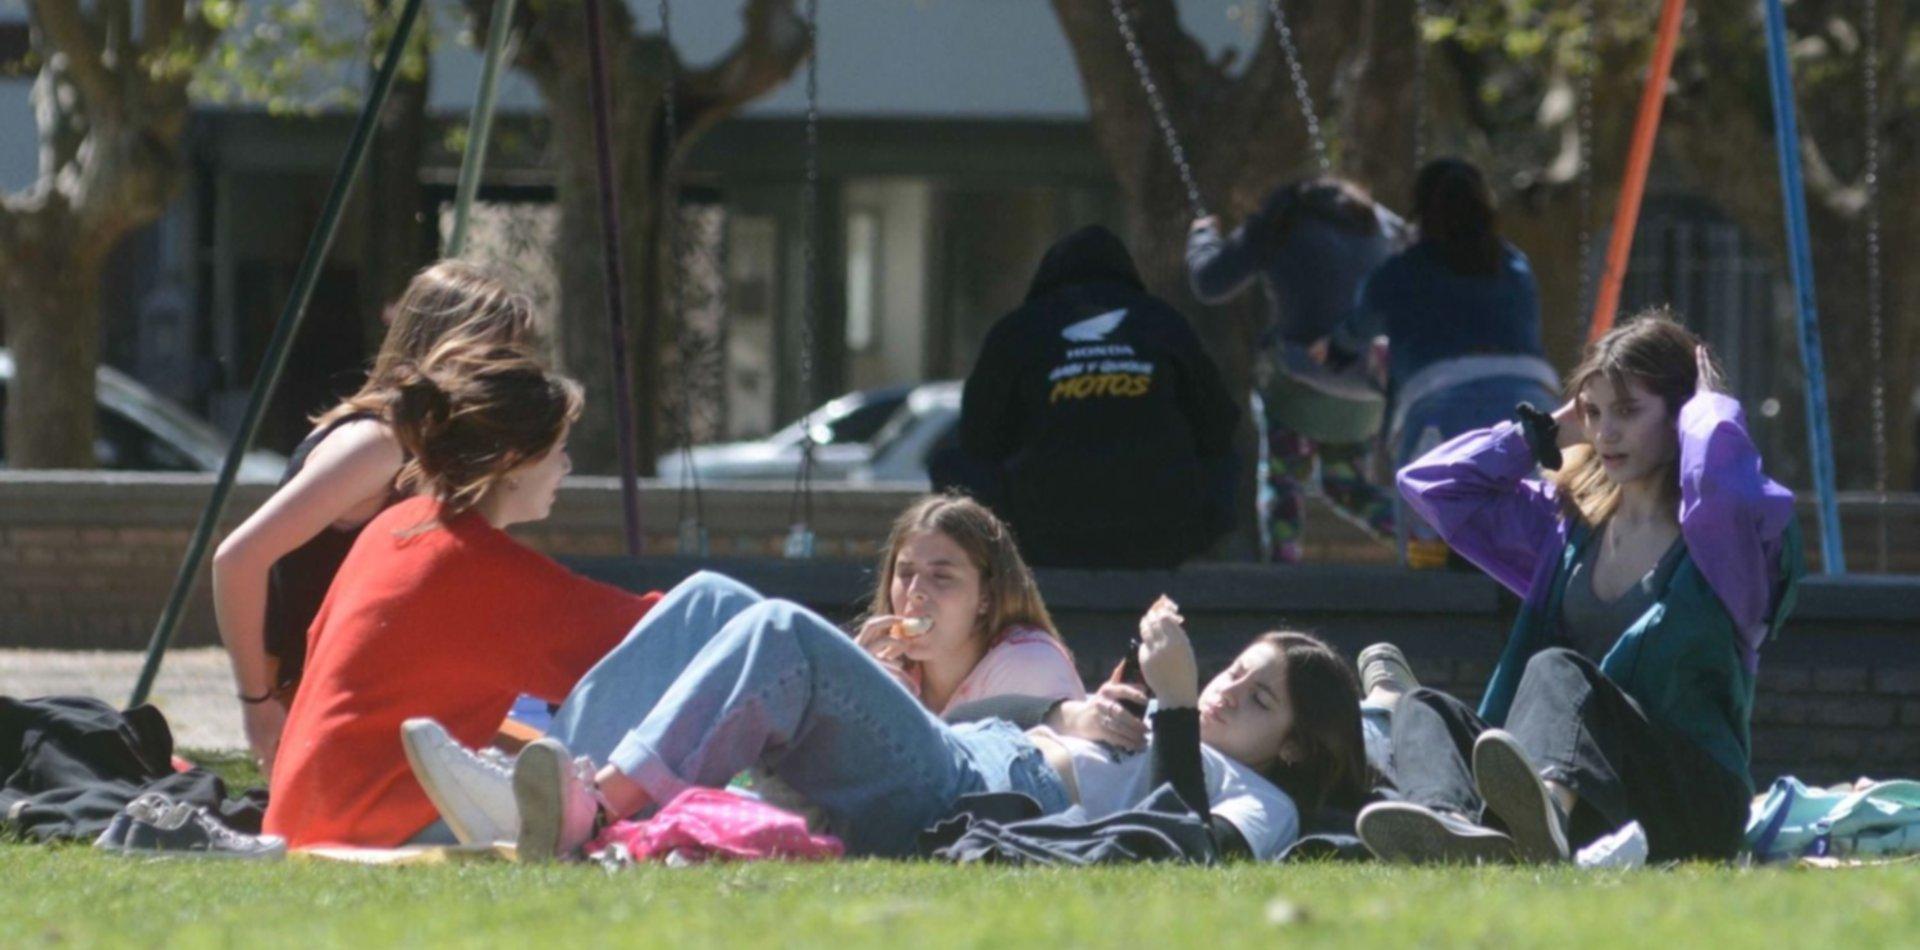 Con diversas propuestas culturales, así se vivió en La Plata el Día de la Primavera